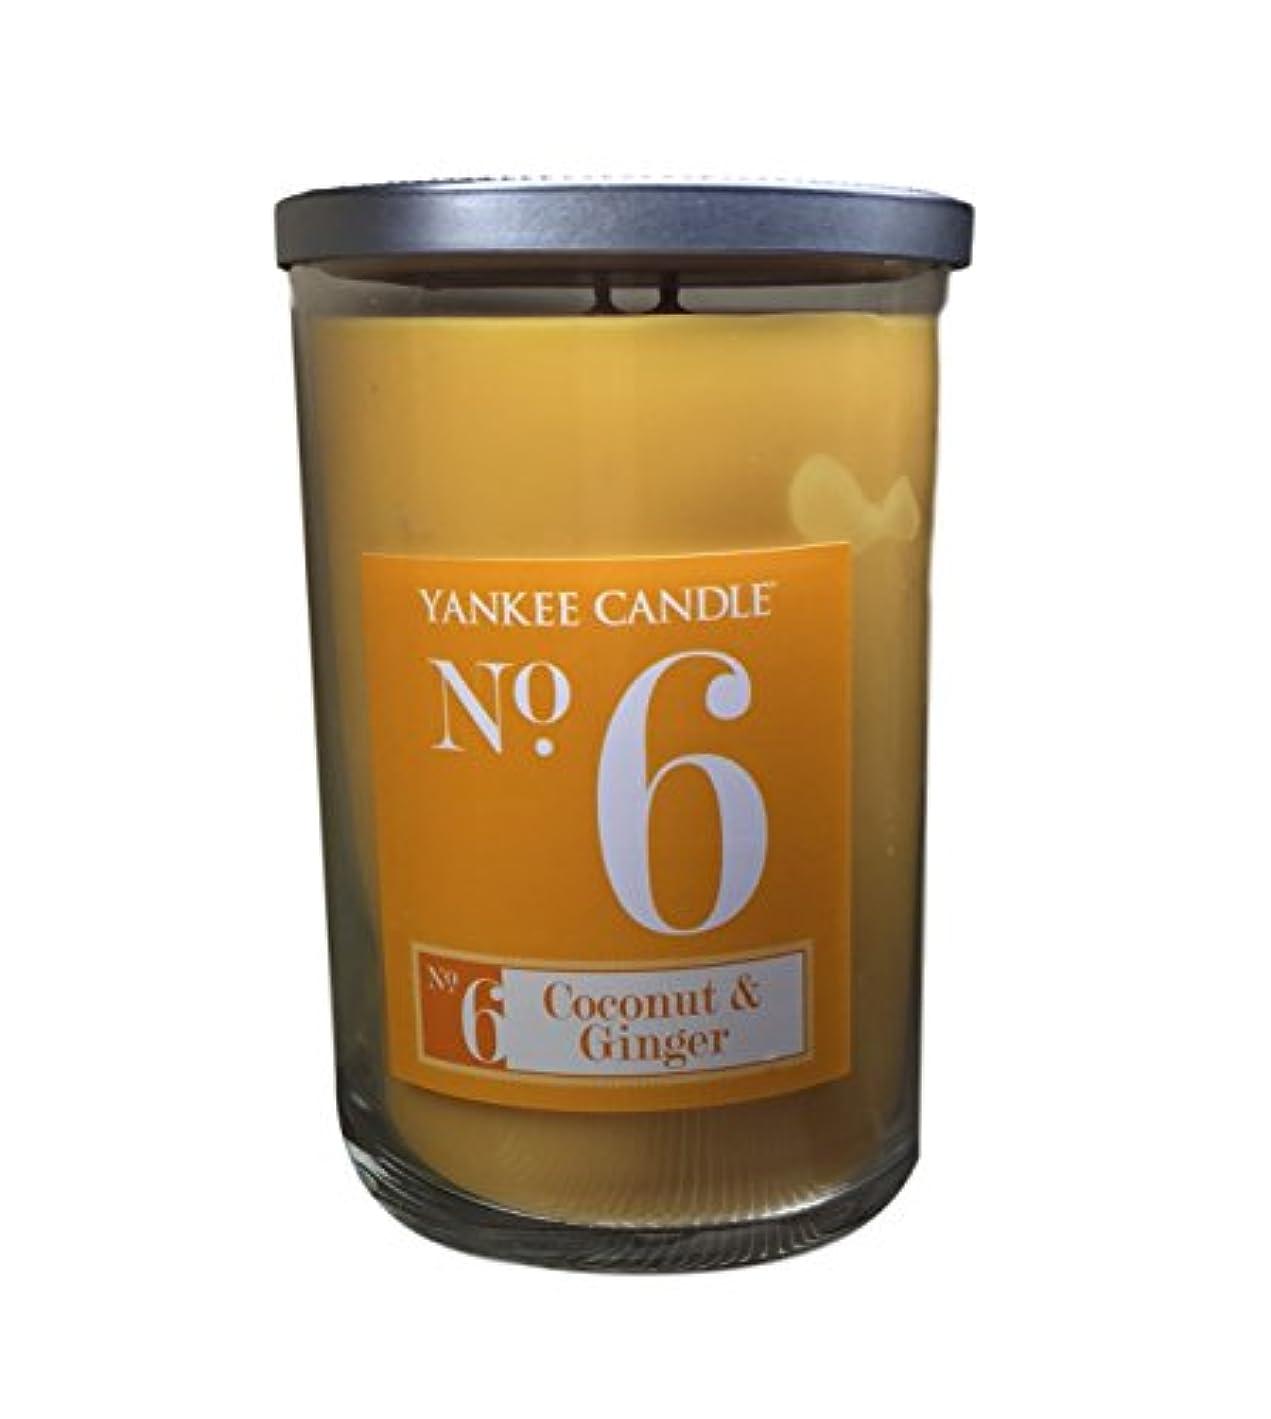 競合他社選手ホットスツールYankee Candle No 6 Coconut & Ginger香りつきLarge 2 Wickタンブラー